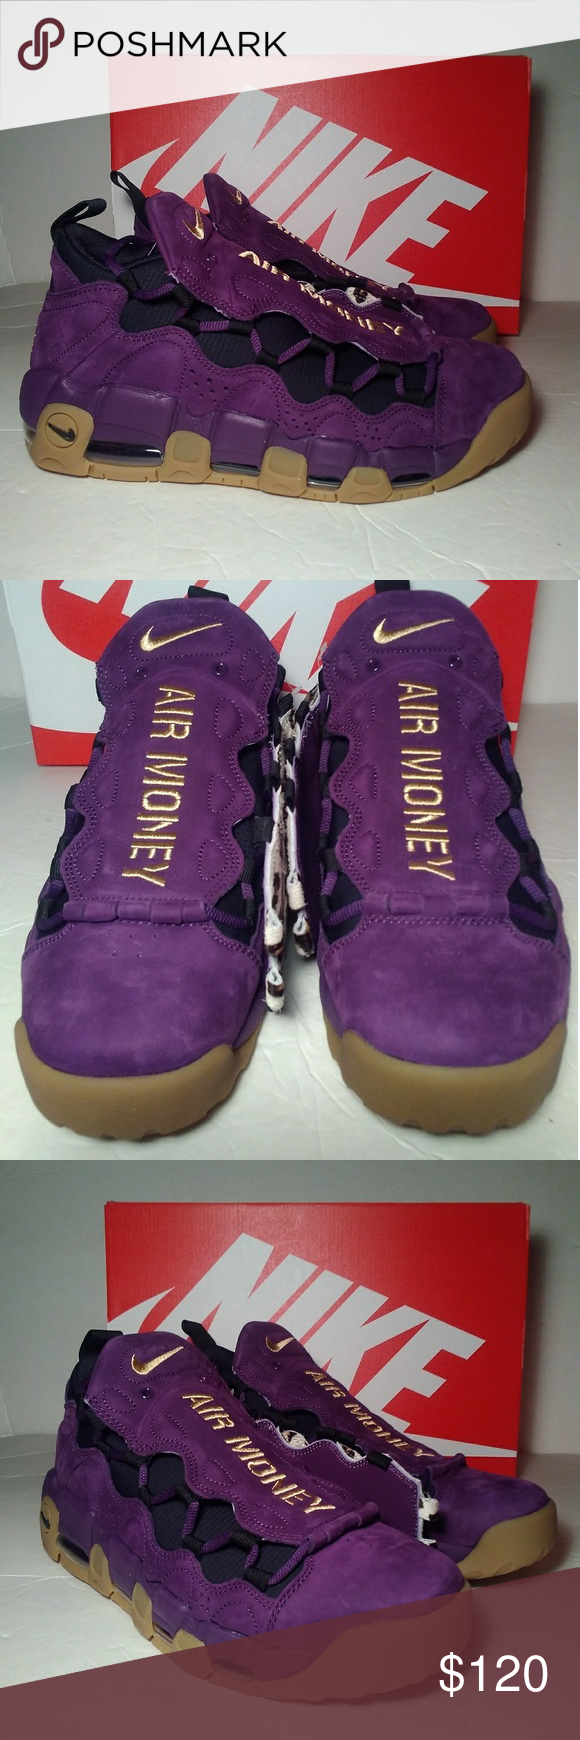 buy popular 9e6c9 56e5d Nike Air More Money Purple Metallic Men Size 9 Nike Air More Money  Purple Metallic Gold-Black Men Size 9 Nike Shoes Sneakers